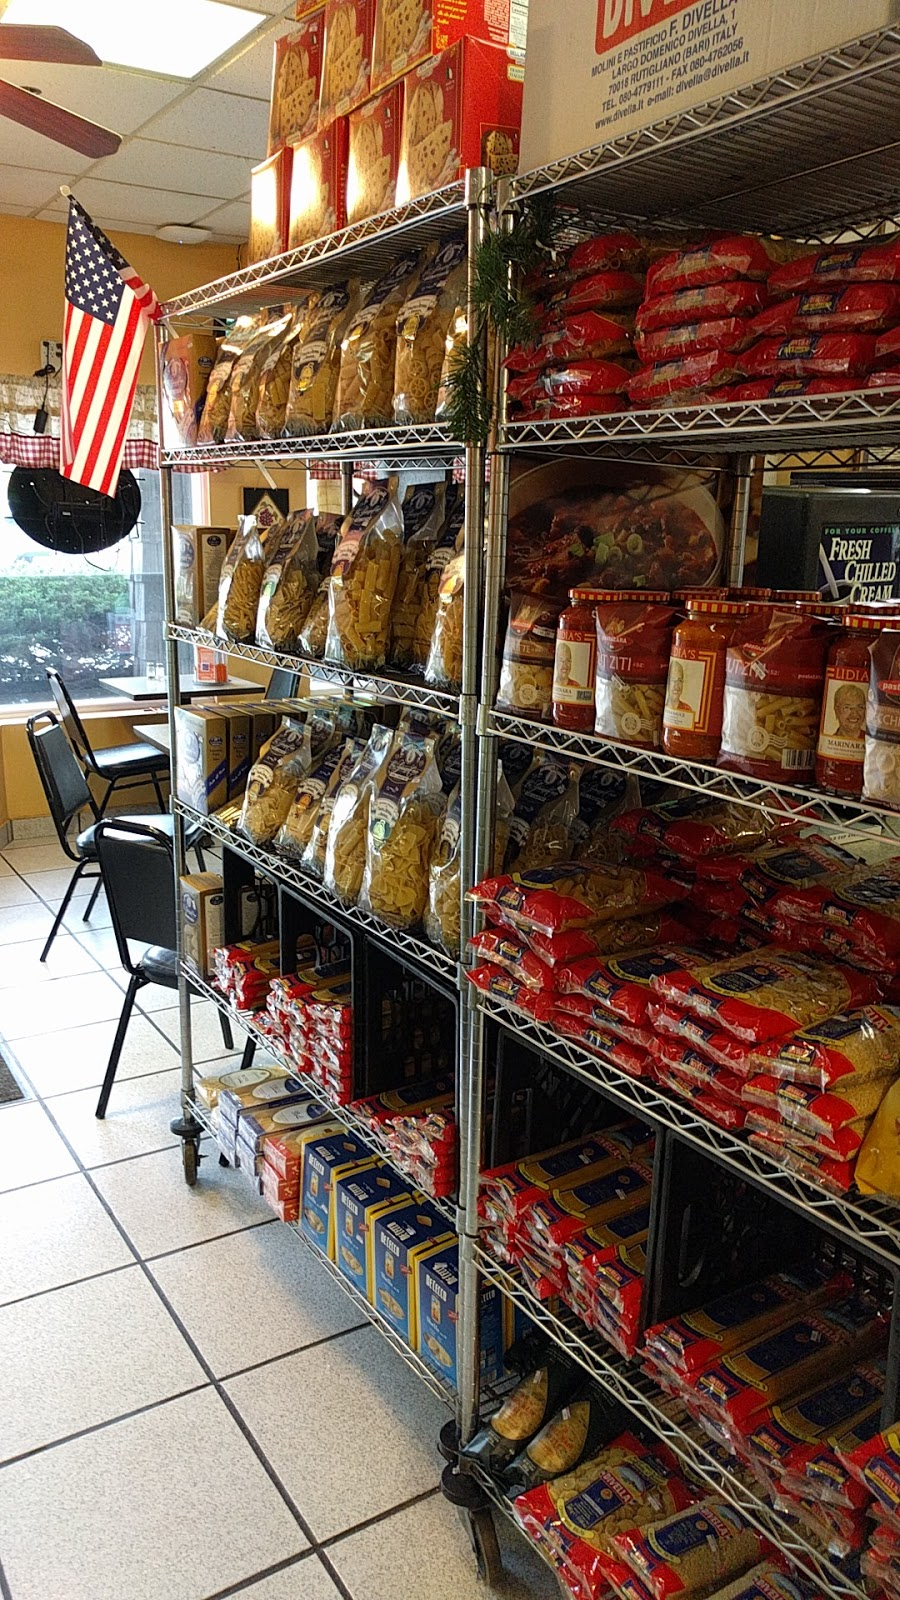 Villa Doro Italian Deli and Bakery - bakery    Photo 2 of 5   Address: 24 Old Albany Post Rd, Croton-On-Hudson, NY 10520, USA   Phone: (914) 862-0684